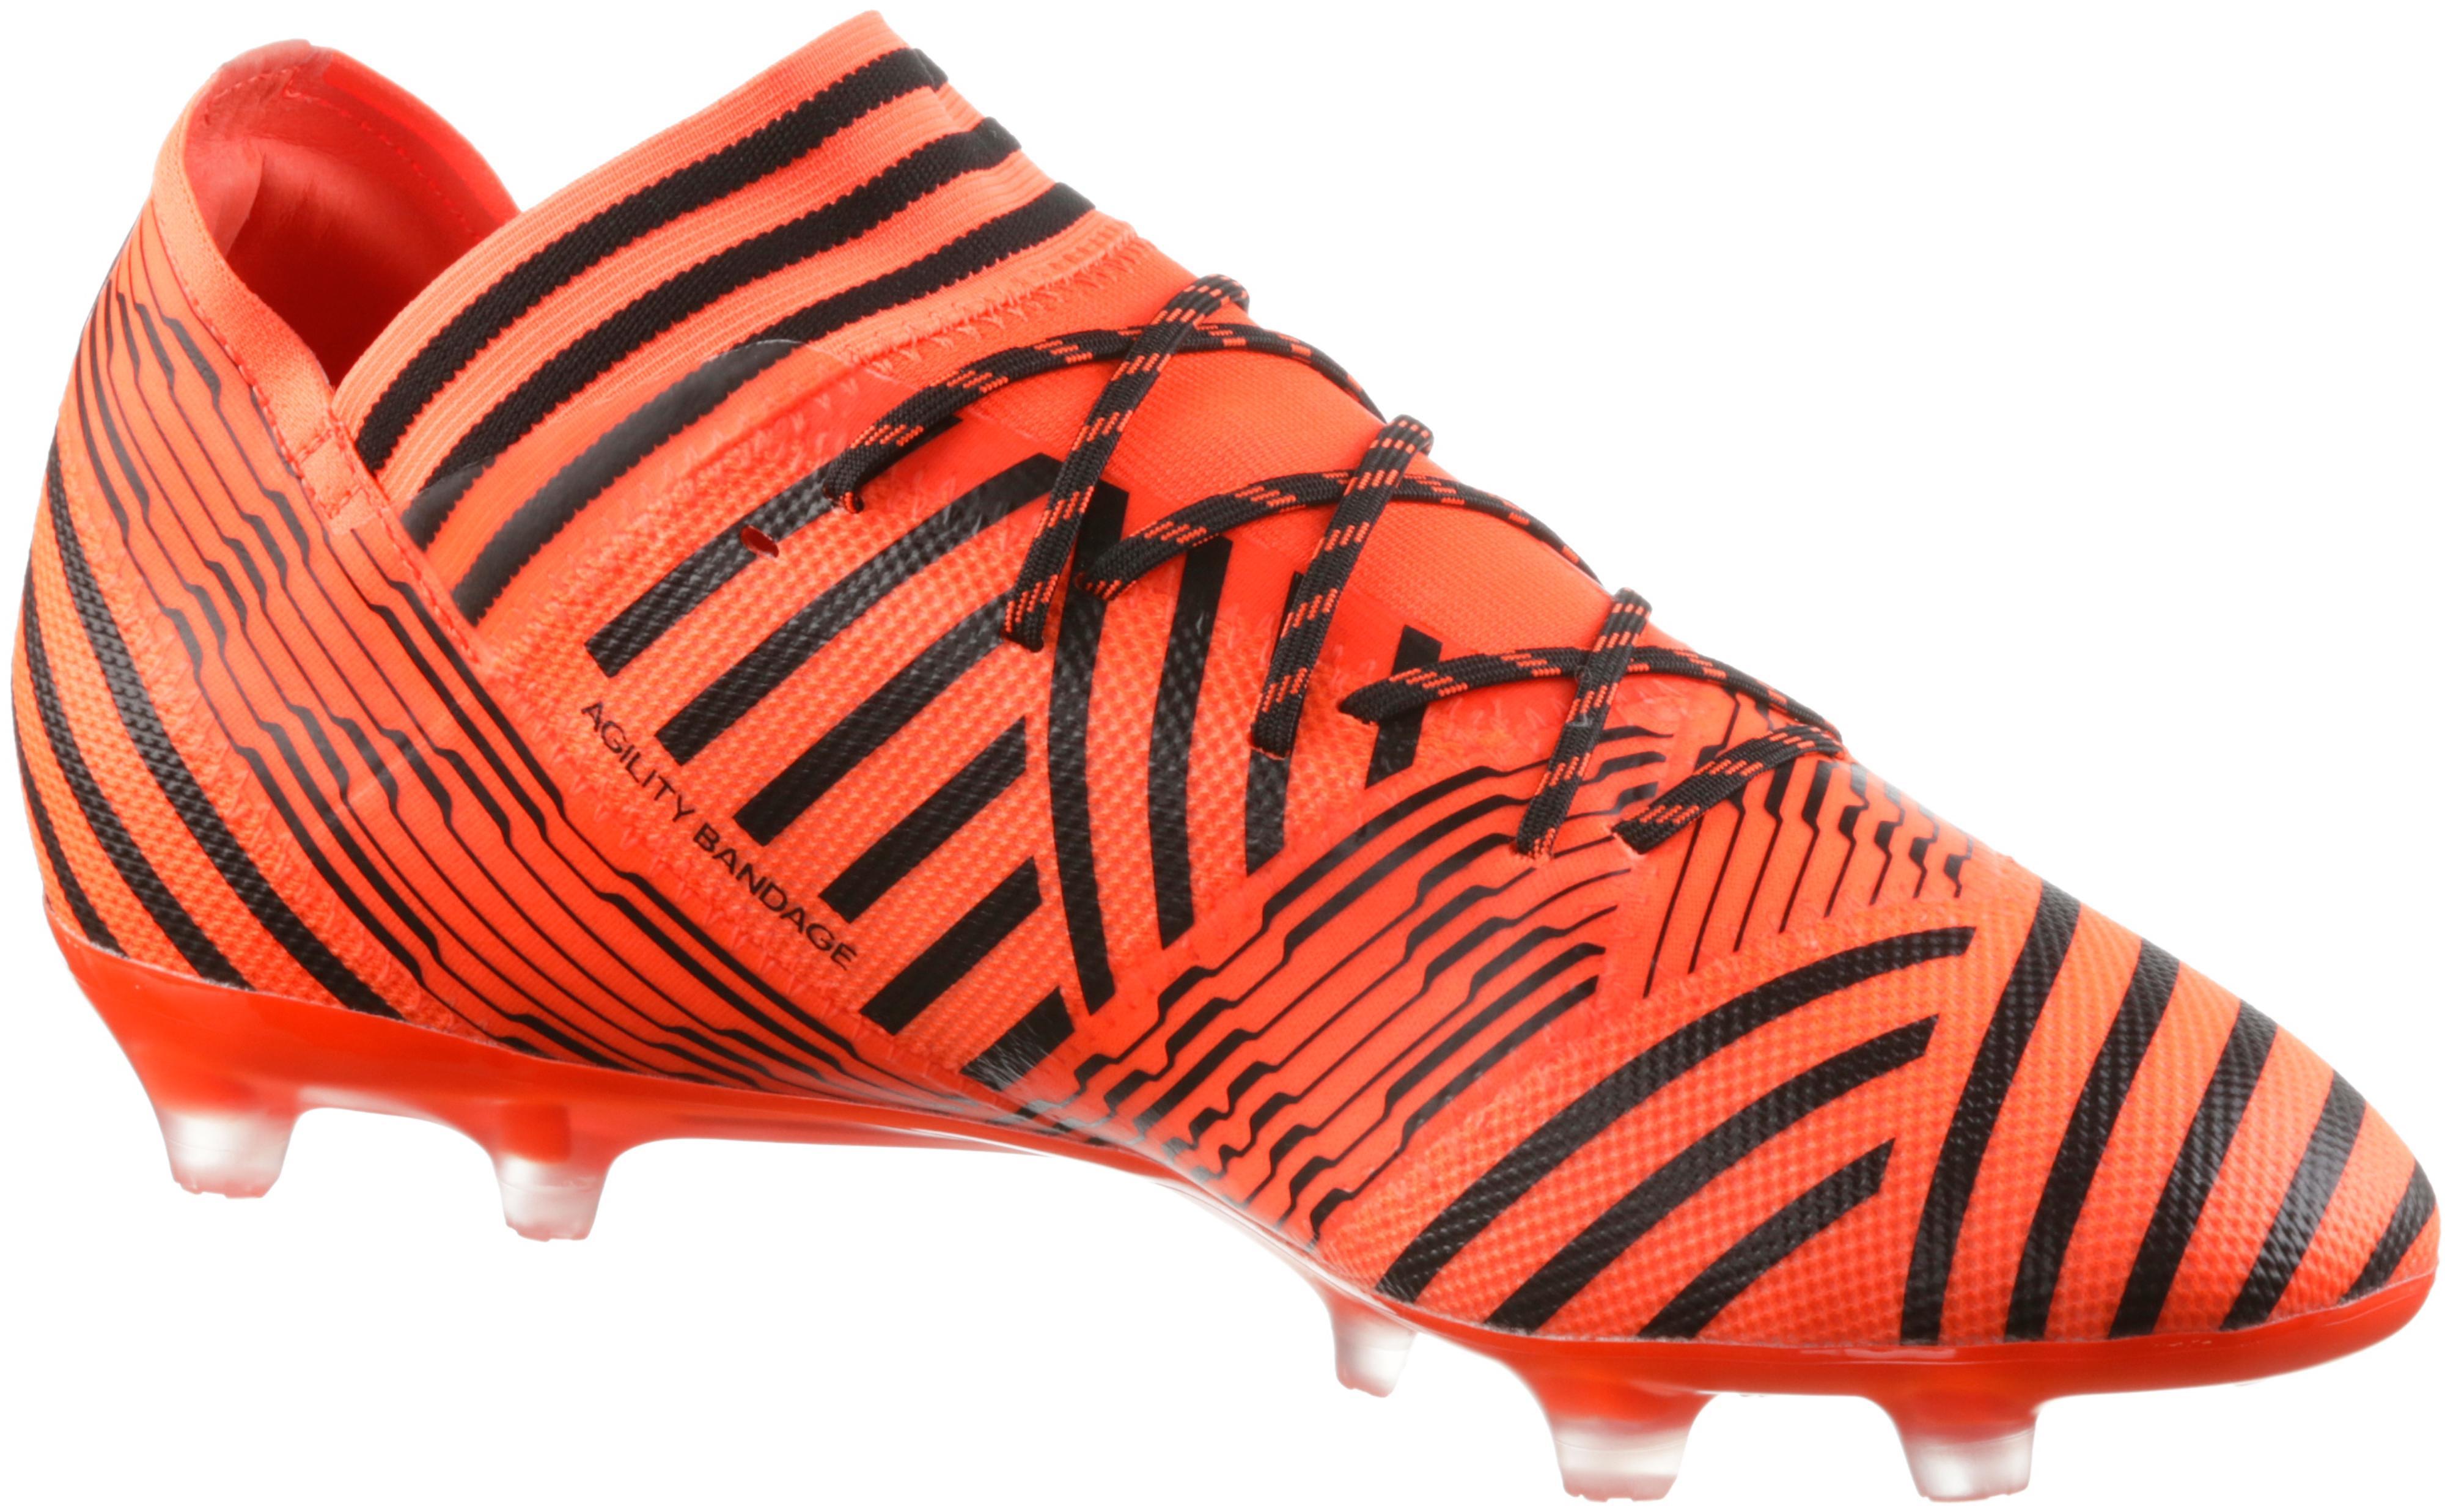 Adidas NEMEZIZ 17.2 FG Fußballschuhe Herren solar orange orange orange im Online Shop von SportScheck kaufen Gute Qualität beliebte Schuhe 325edf